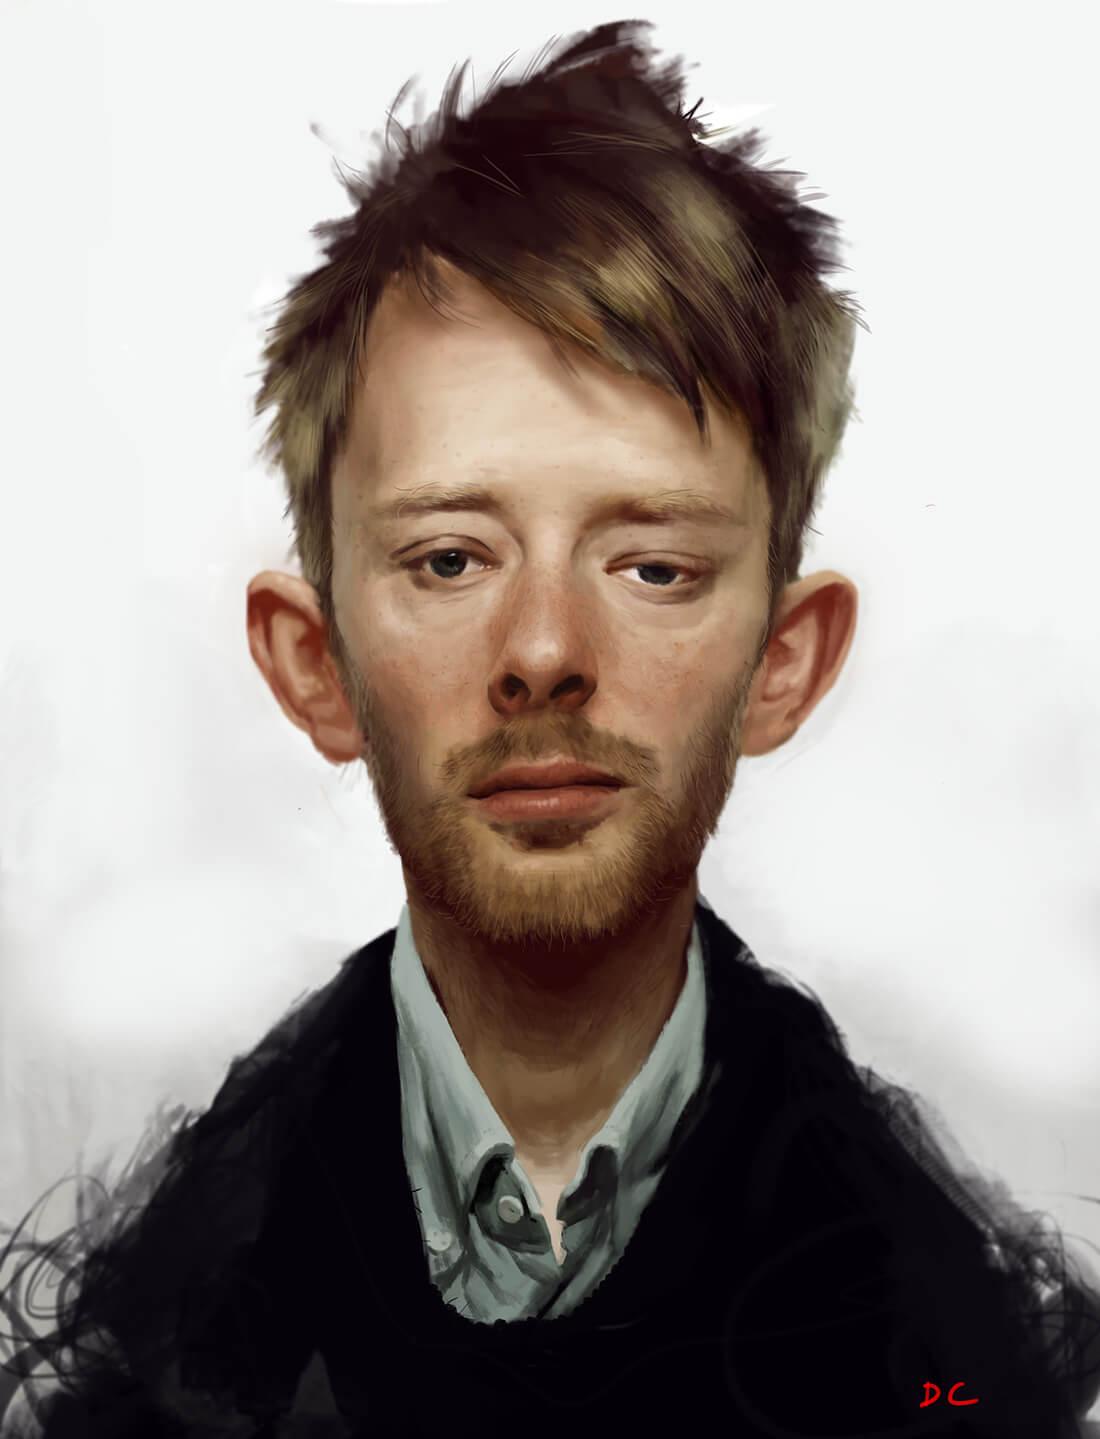 Ilustración Digital. Diego Catalán. Estudio Nigredo - Academia de Pintura y Dibujo